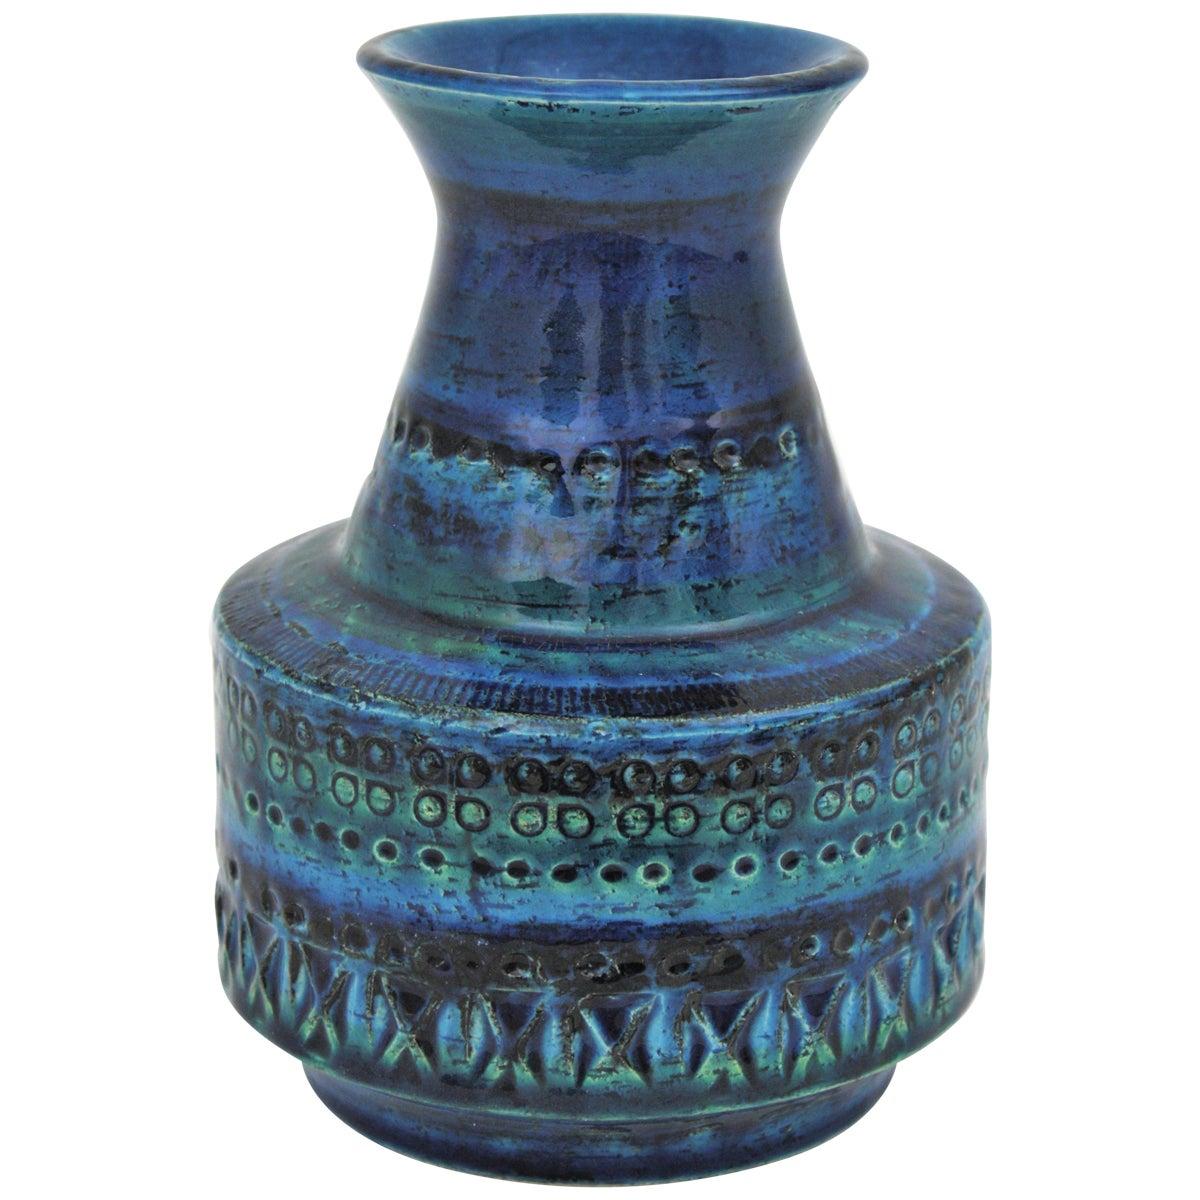 1960s Italian Aldo Londi for Bitossi Rimini Blue Glazed Ceramic Conic Vase